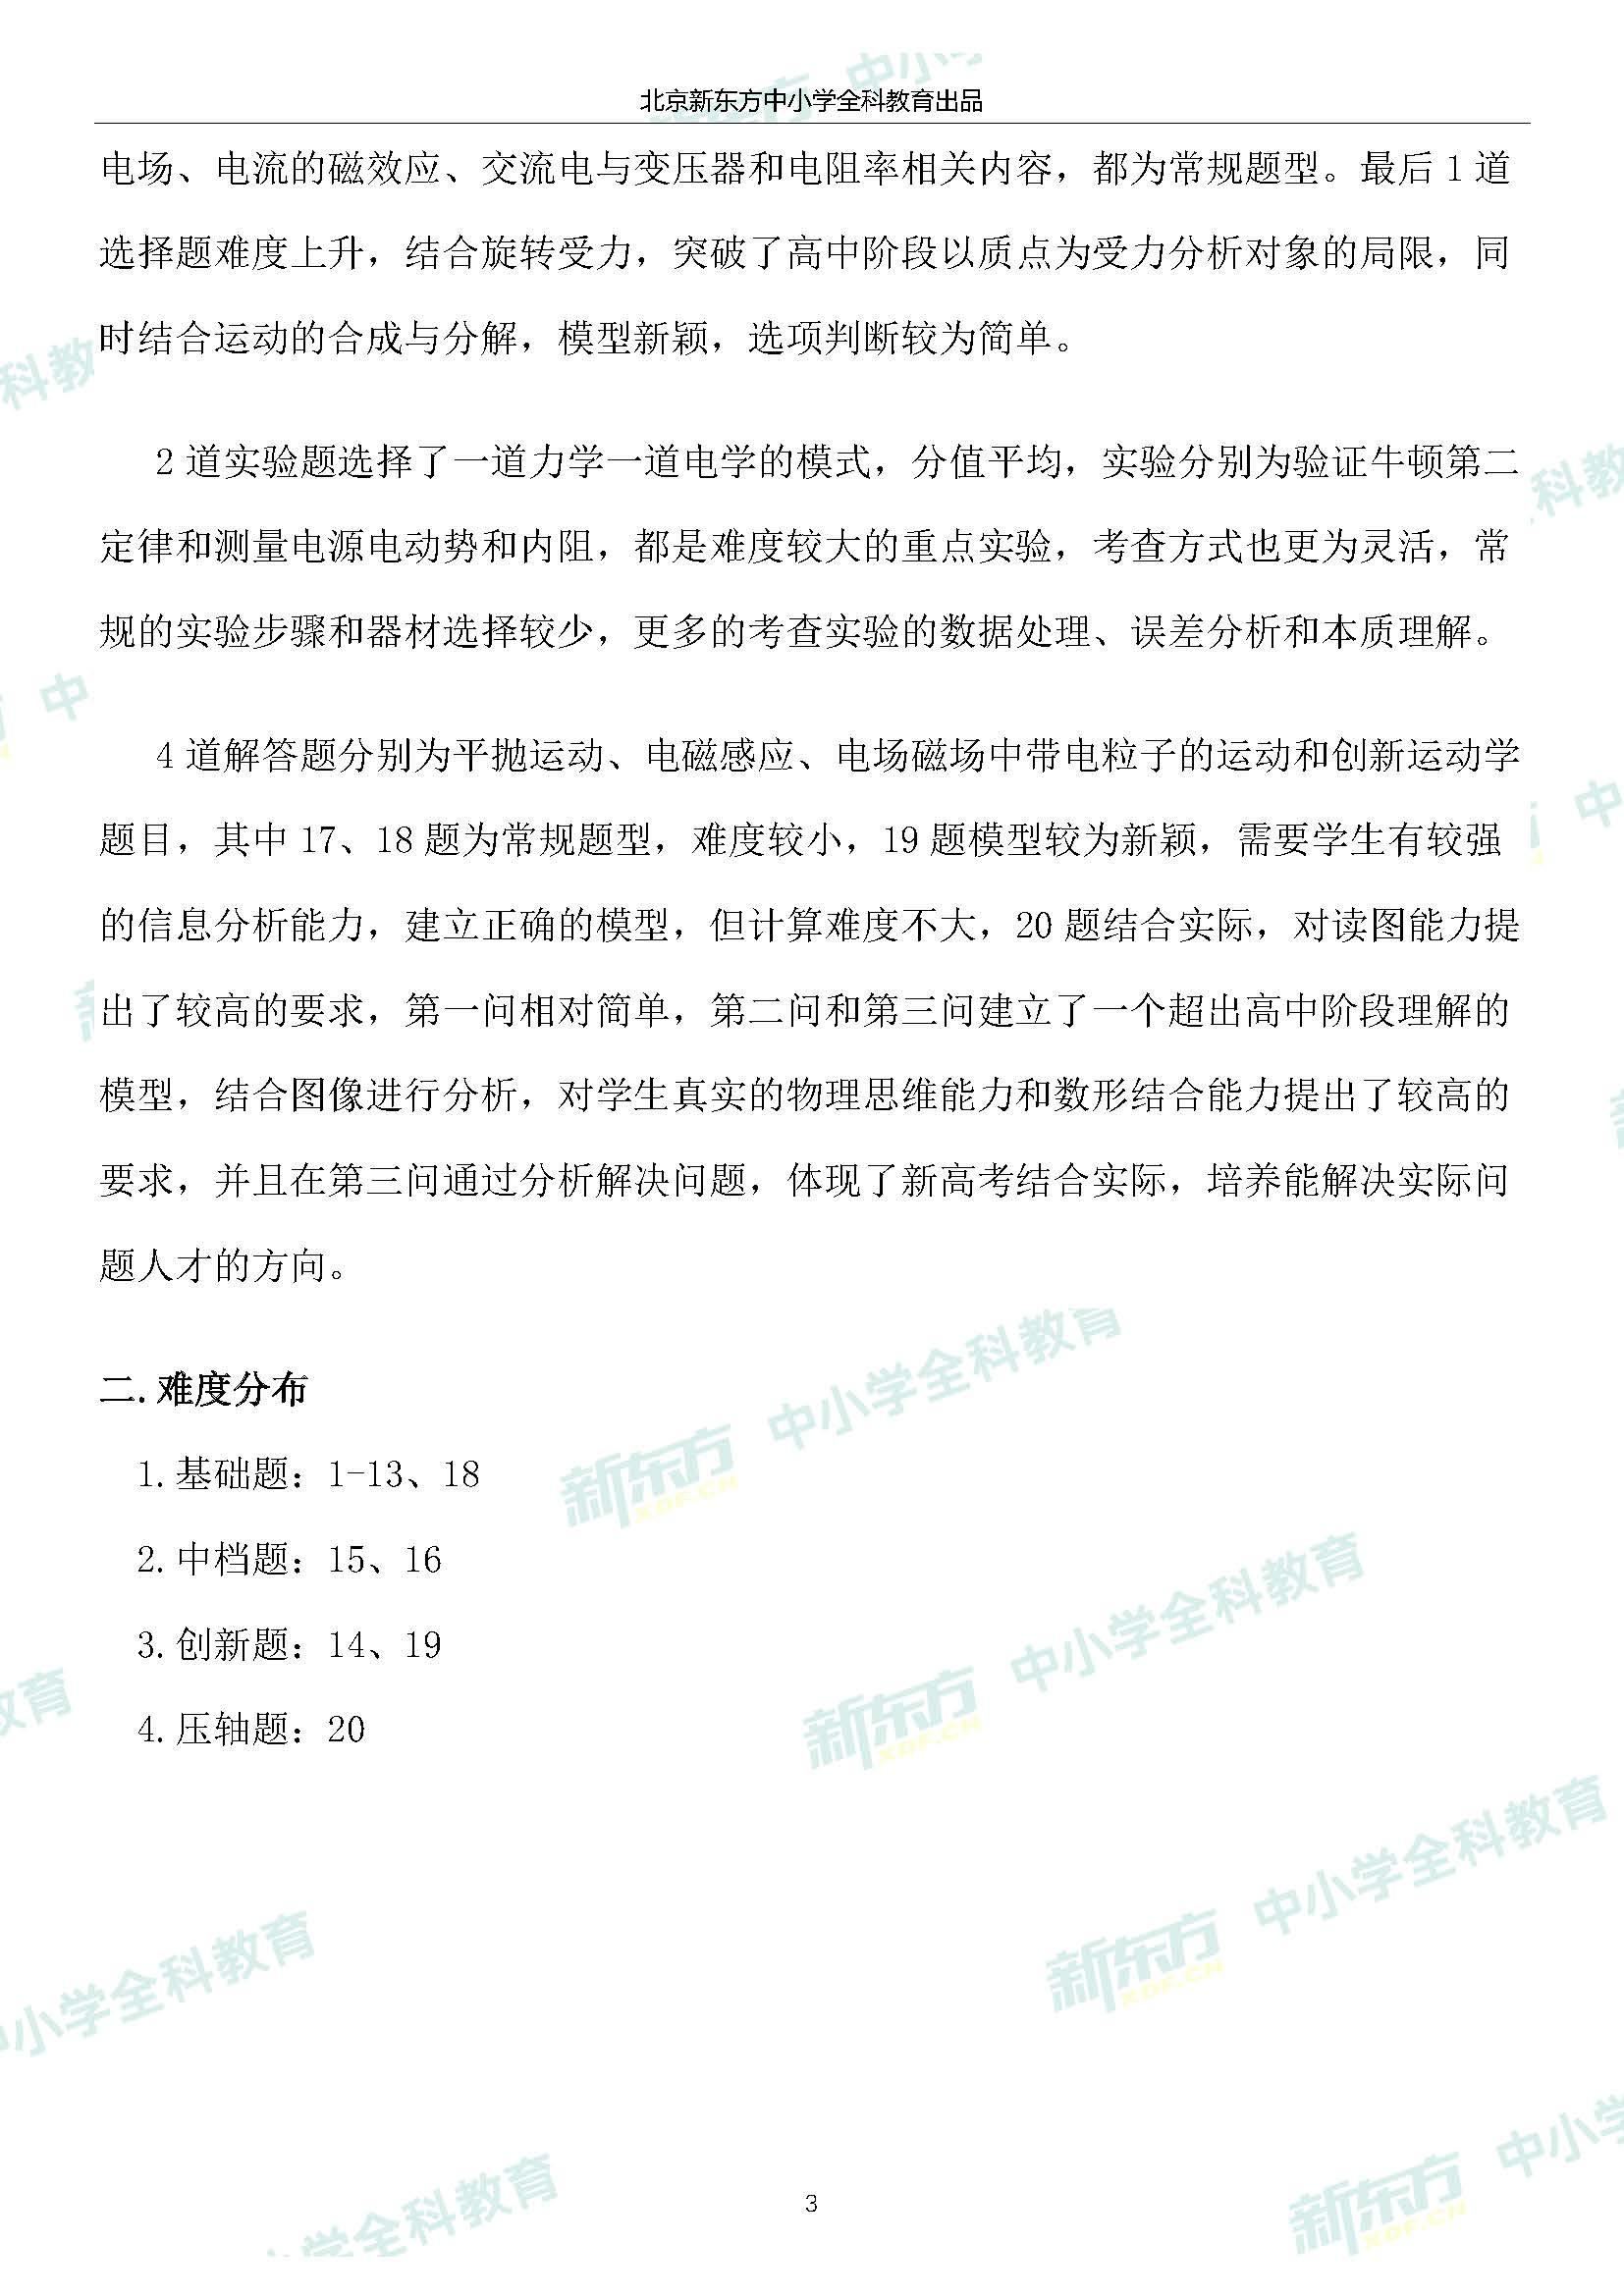 2020年北京高考物理真题试卷点评(北京新东方中学)